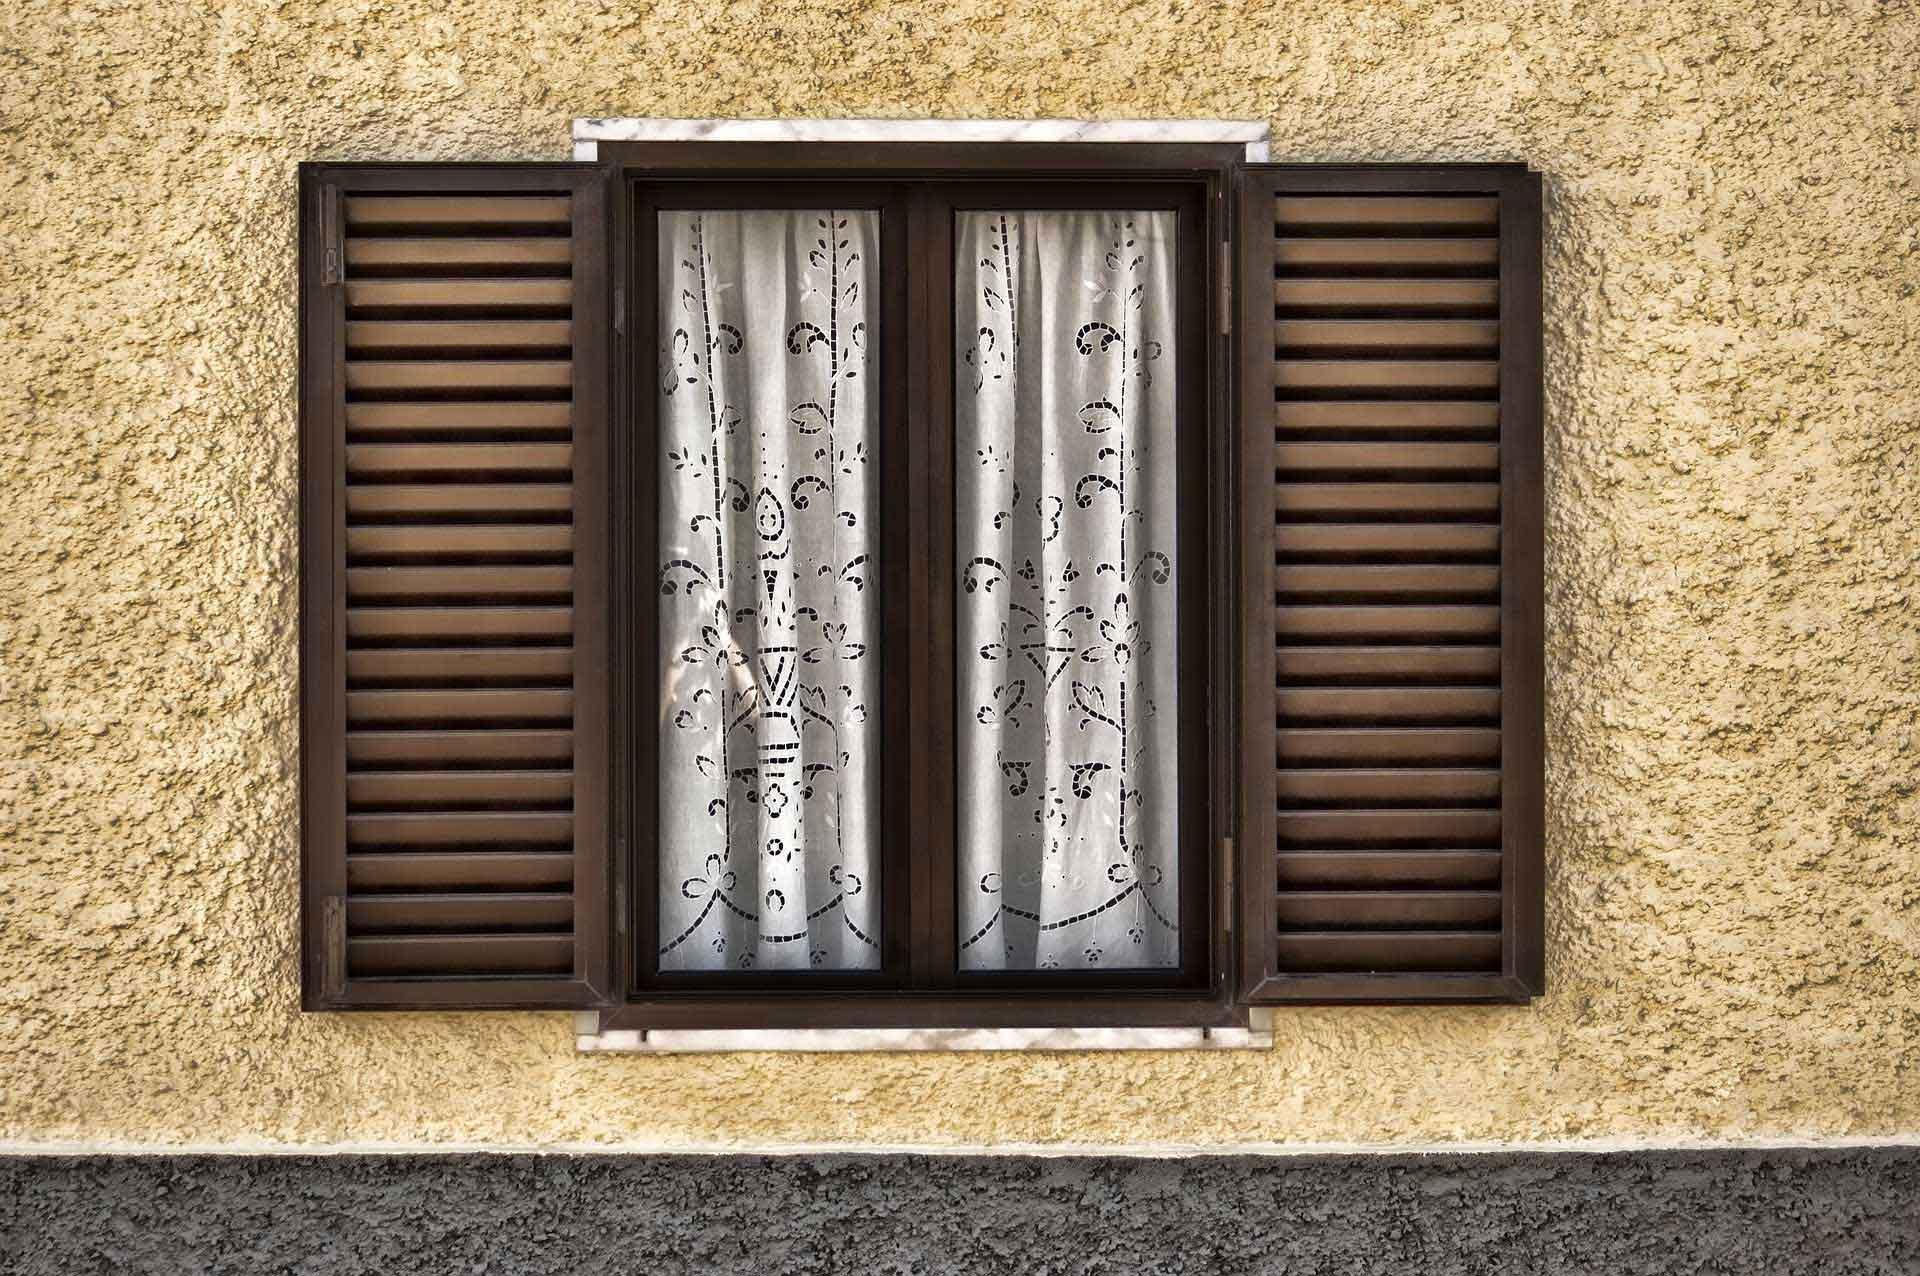 window-1283889_1920.jpg